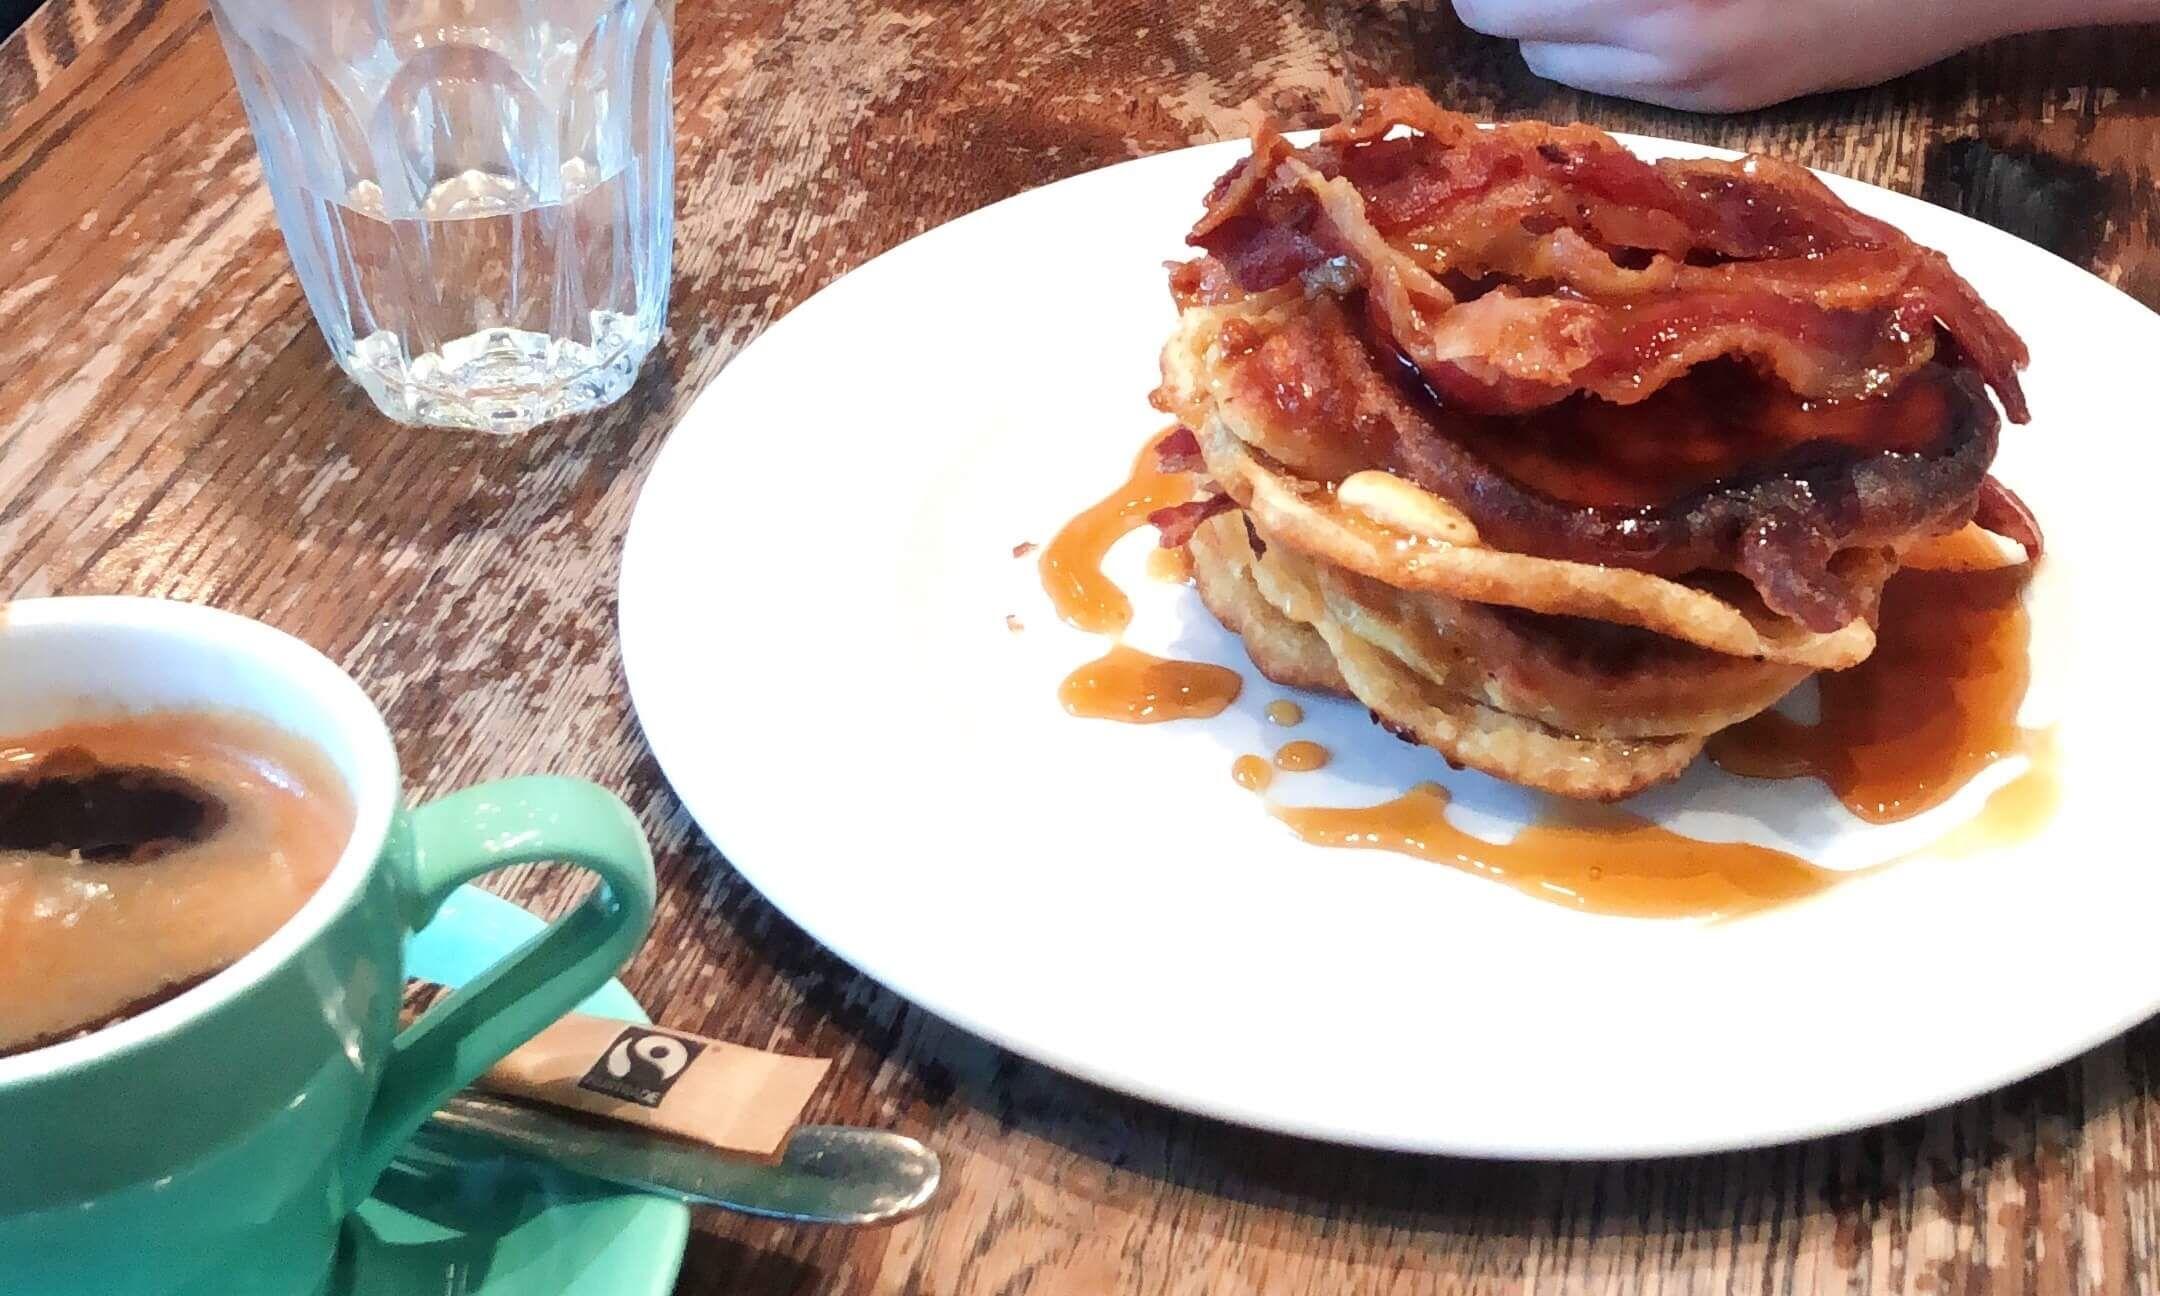 Image may contain: Dish, Person, Human, Meal, Pork, Food, Burger